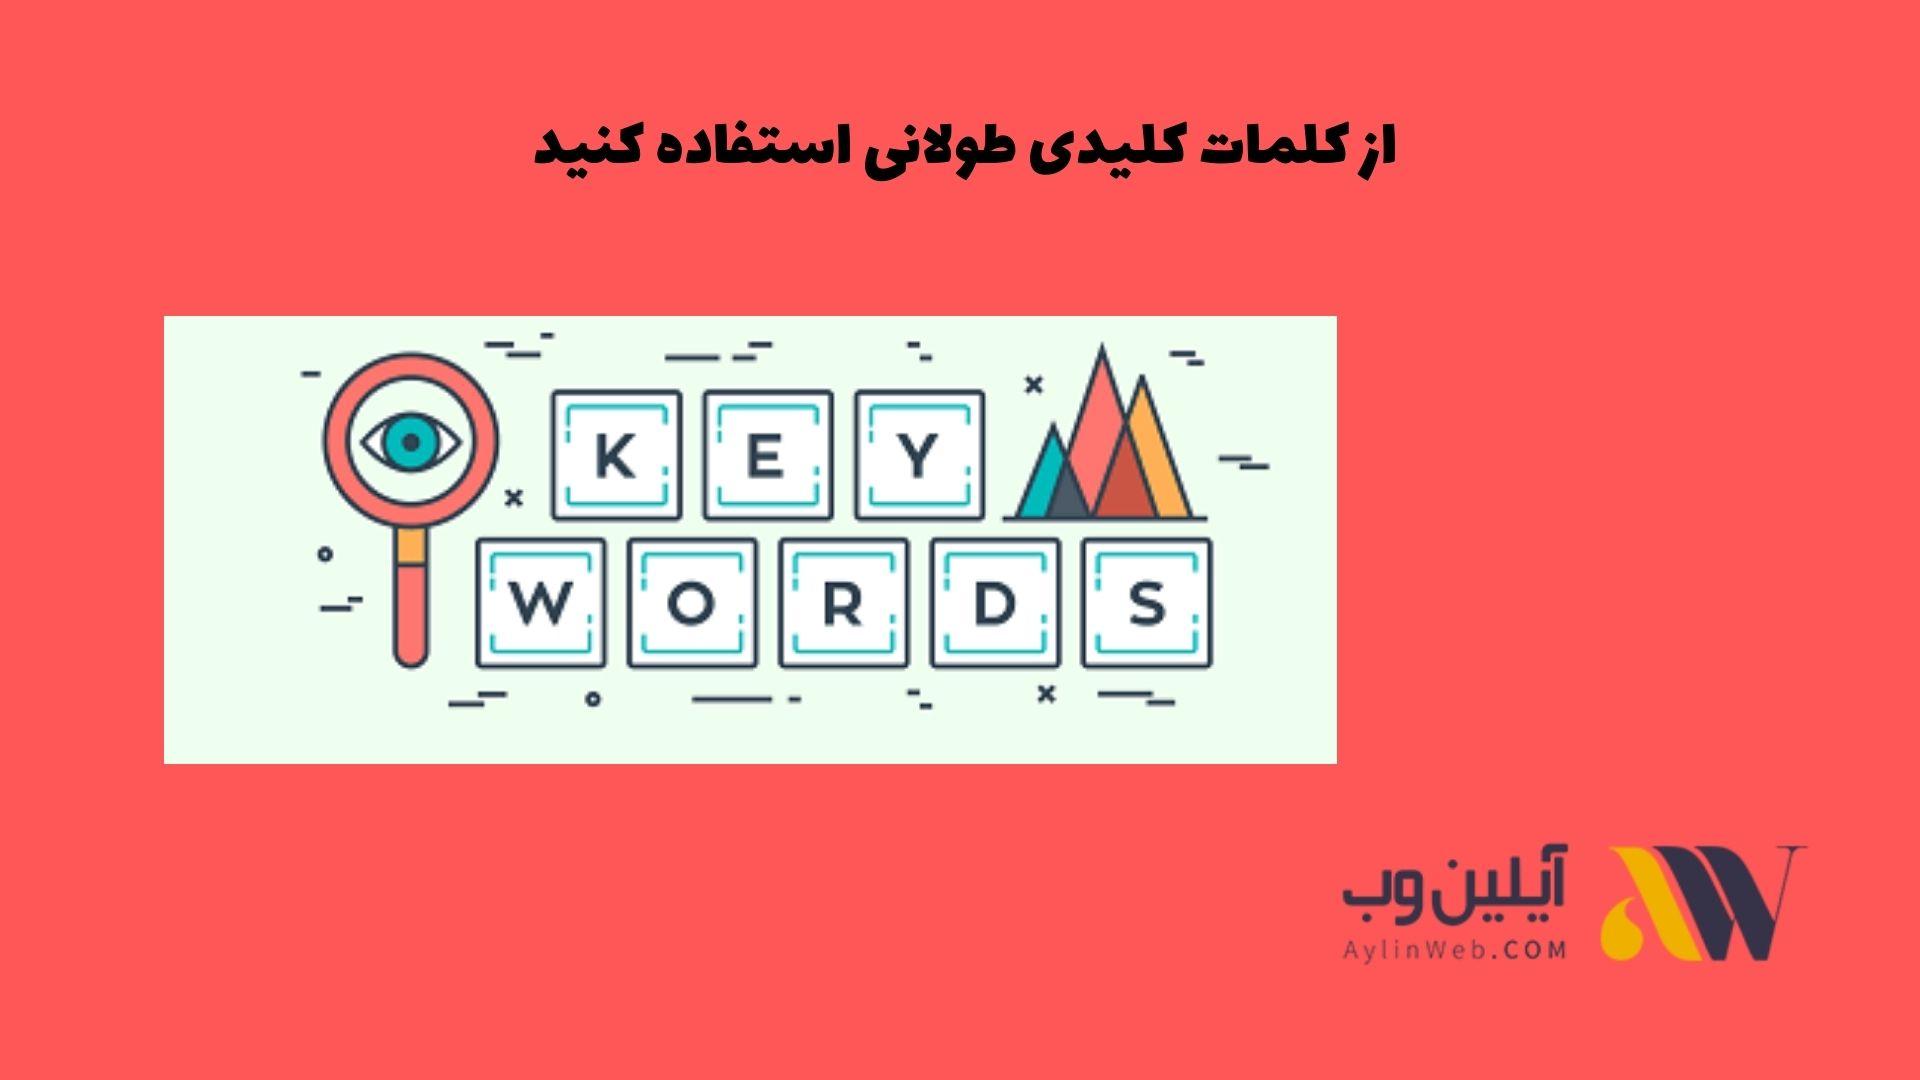 از کلمات کلیدی طولانی استفاده کنید